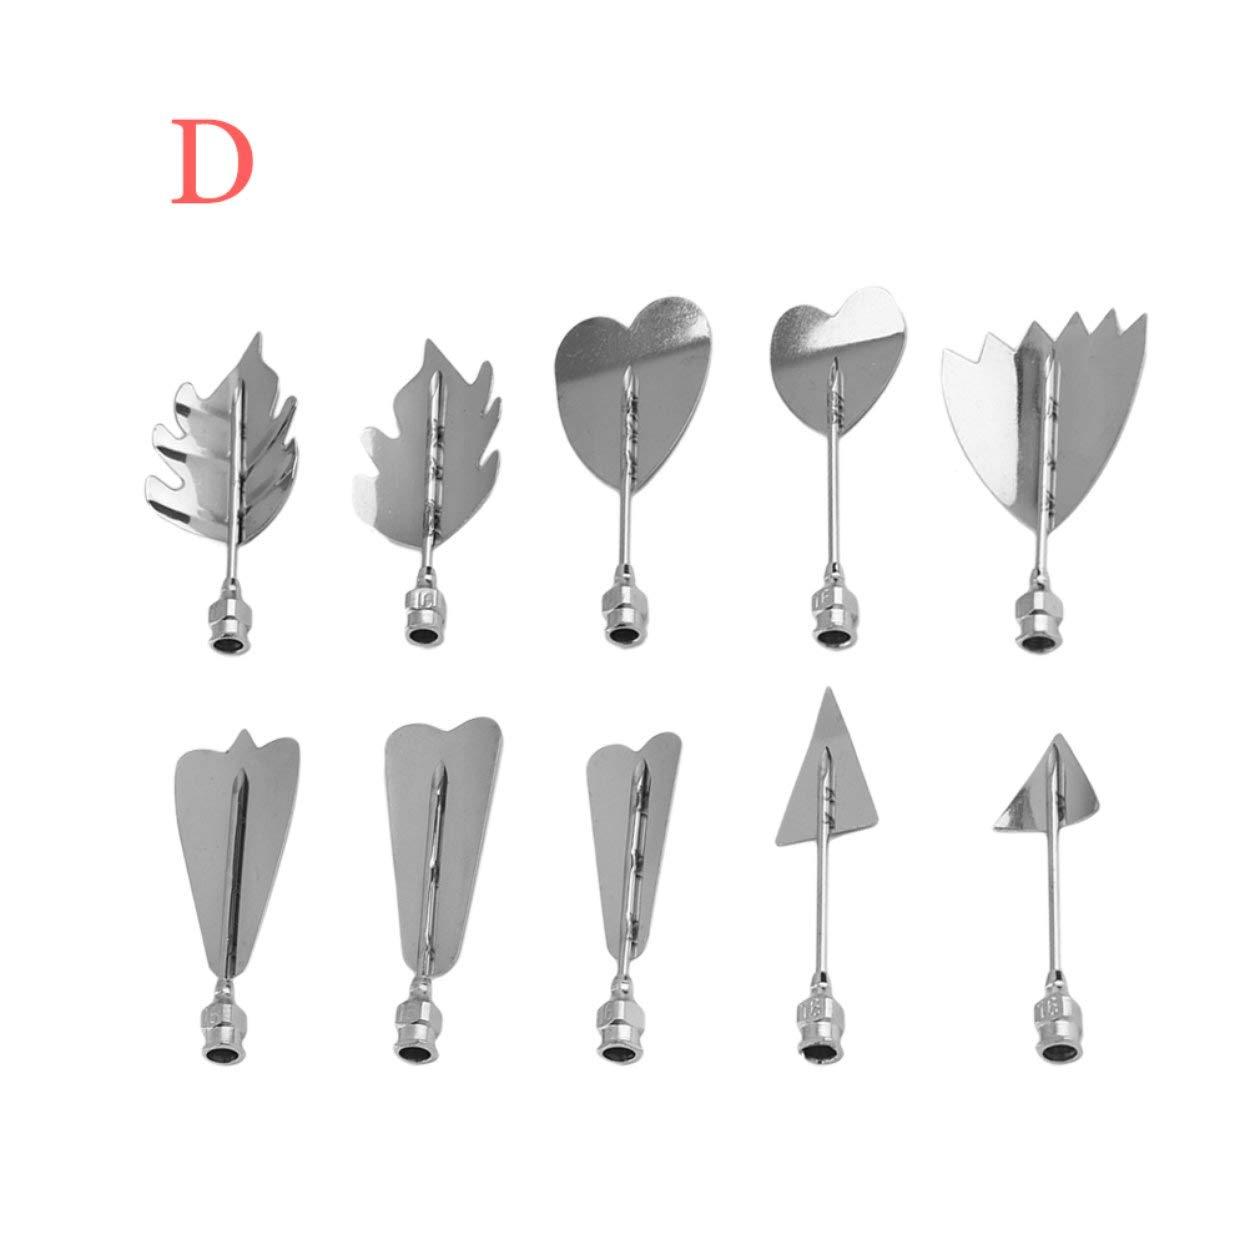 Herramientas del arte creativo del acero inoxidable de la jalea de flores 3D Jeringa 3D gelatina arte Herramientas Jello Gubbins set con estilo Differnt